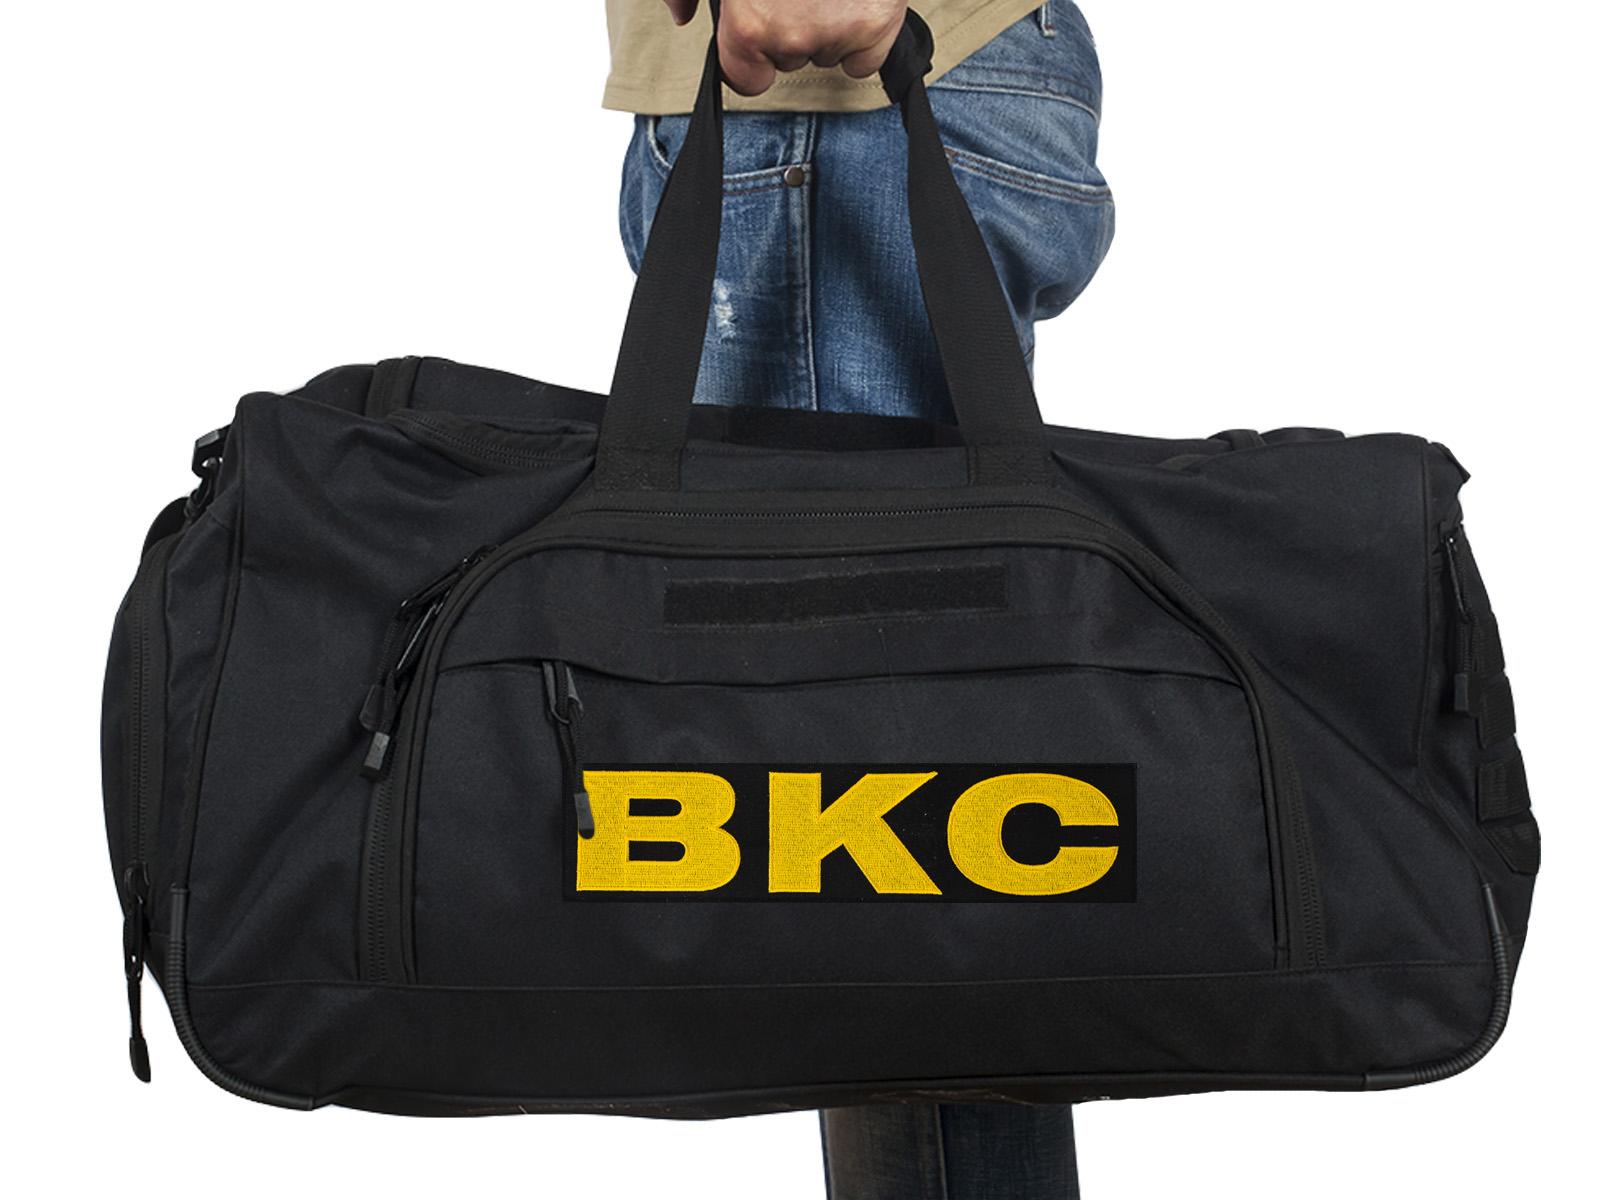 Купить большую военную сумку 08032B Black с нашивкой ВКС по выгодной цене